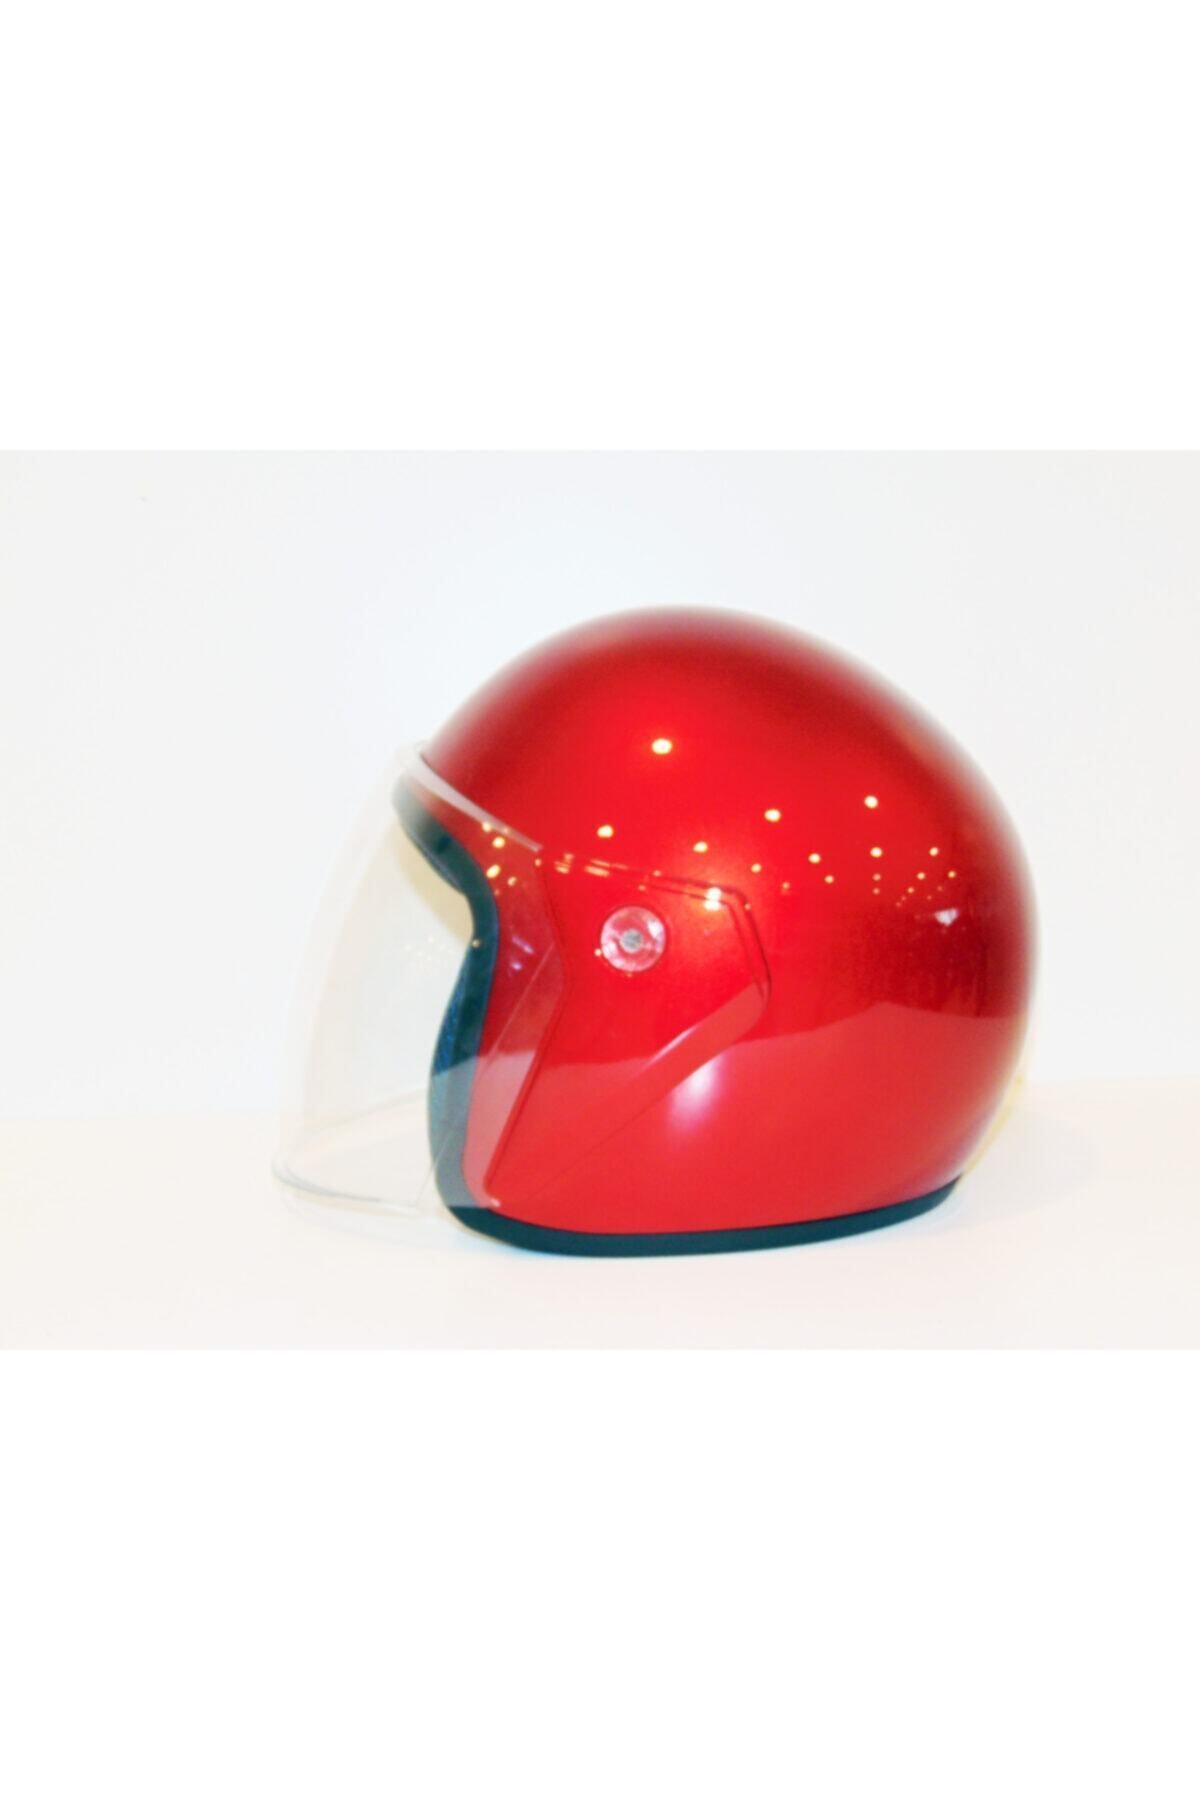 Yarım Motosiklet Kaskı Yüksek Kalite - Standart Beden - Kırmızı